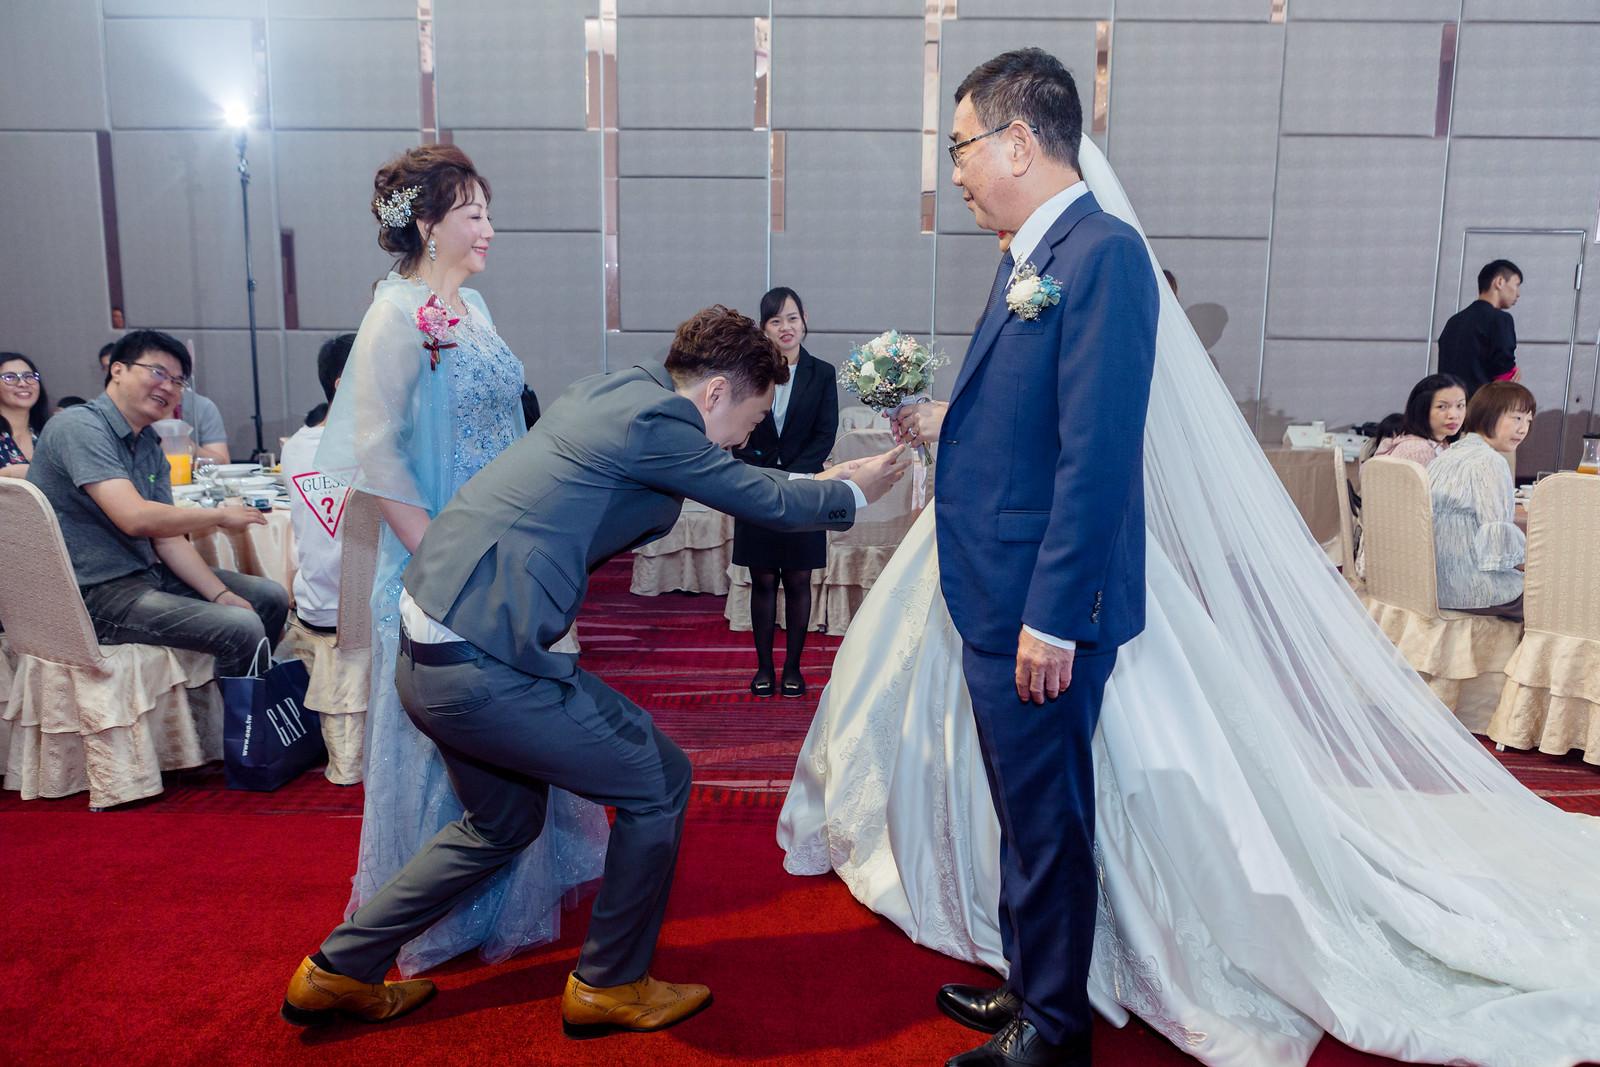 [婚攝] 恒嘉 & 盈今 台南夢時代雅悅會館搶先看   儀式宴客  婚禮紀錄